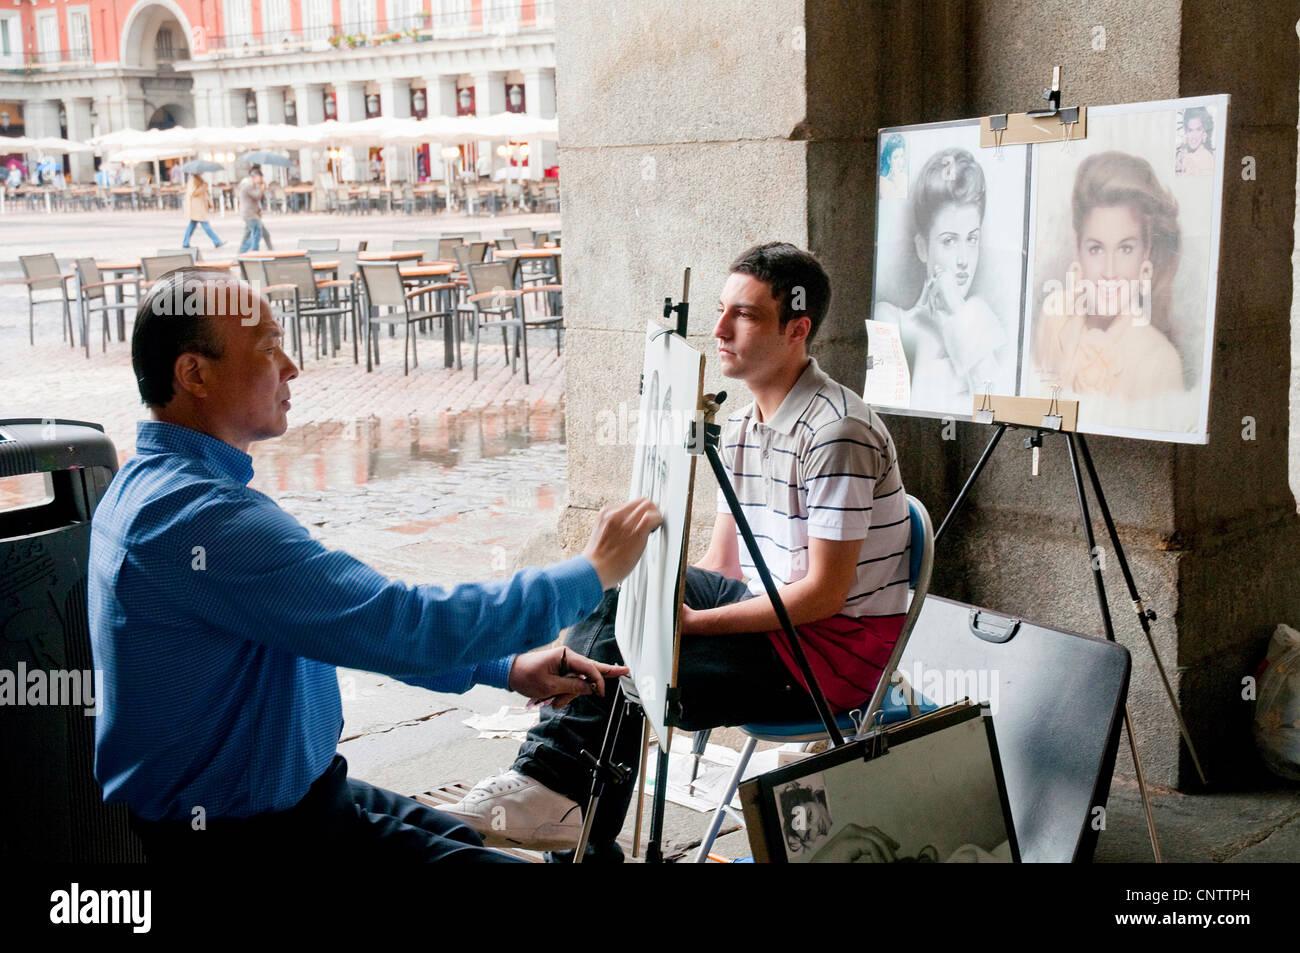 Faire un tiroir portrait d'un jeune homme, place principale. Madrid, Espagne. Photo Stock